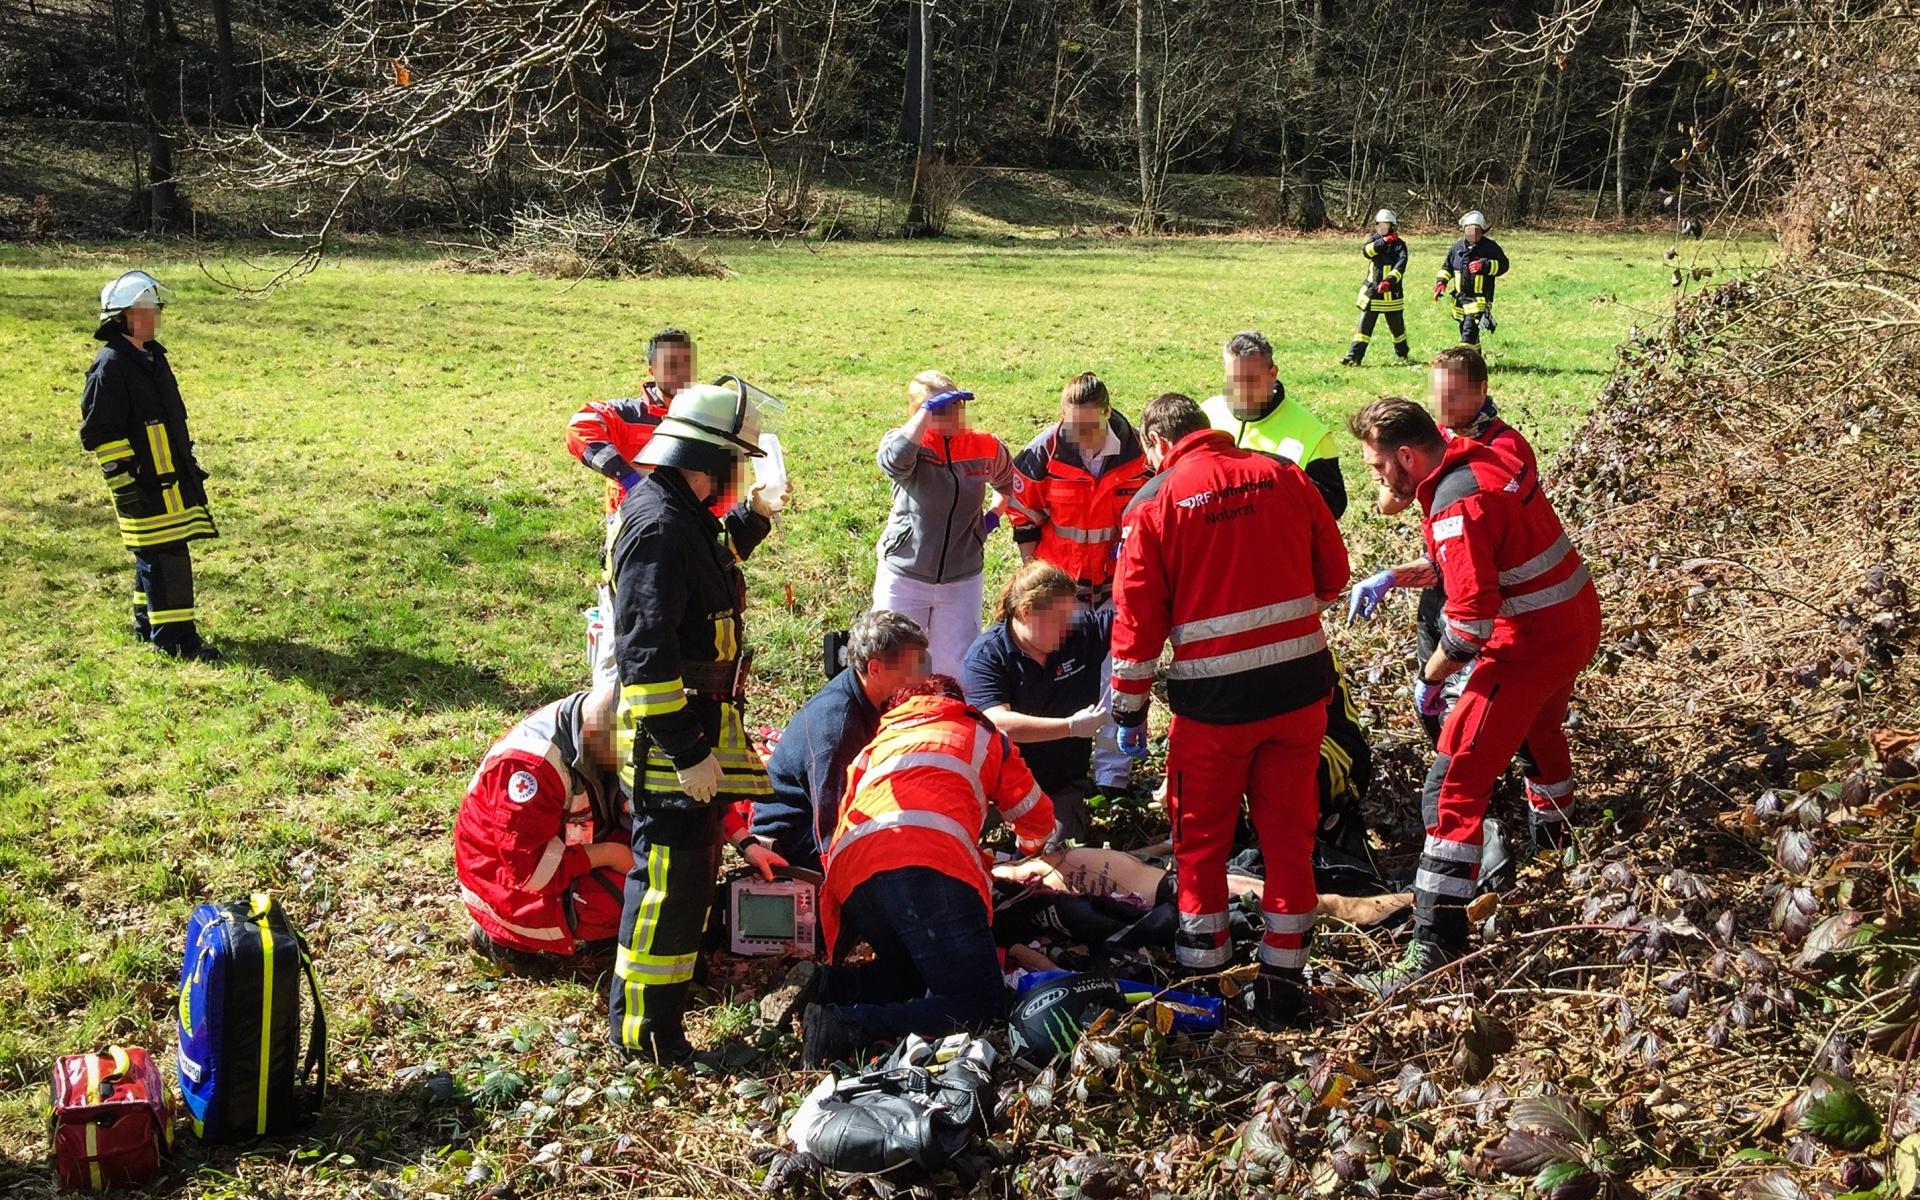 Schwerer Motorradunfall in Heiligkreuzsteinach im Odenwald. Die Besatzung von Christoph 53 aus Mannheim versorgt den Verletzten und fliegt ihn dann zur weiteren Behandlung nach Ludwigshafen.